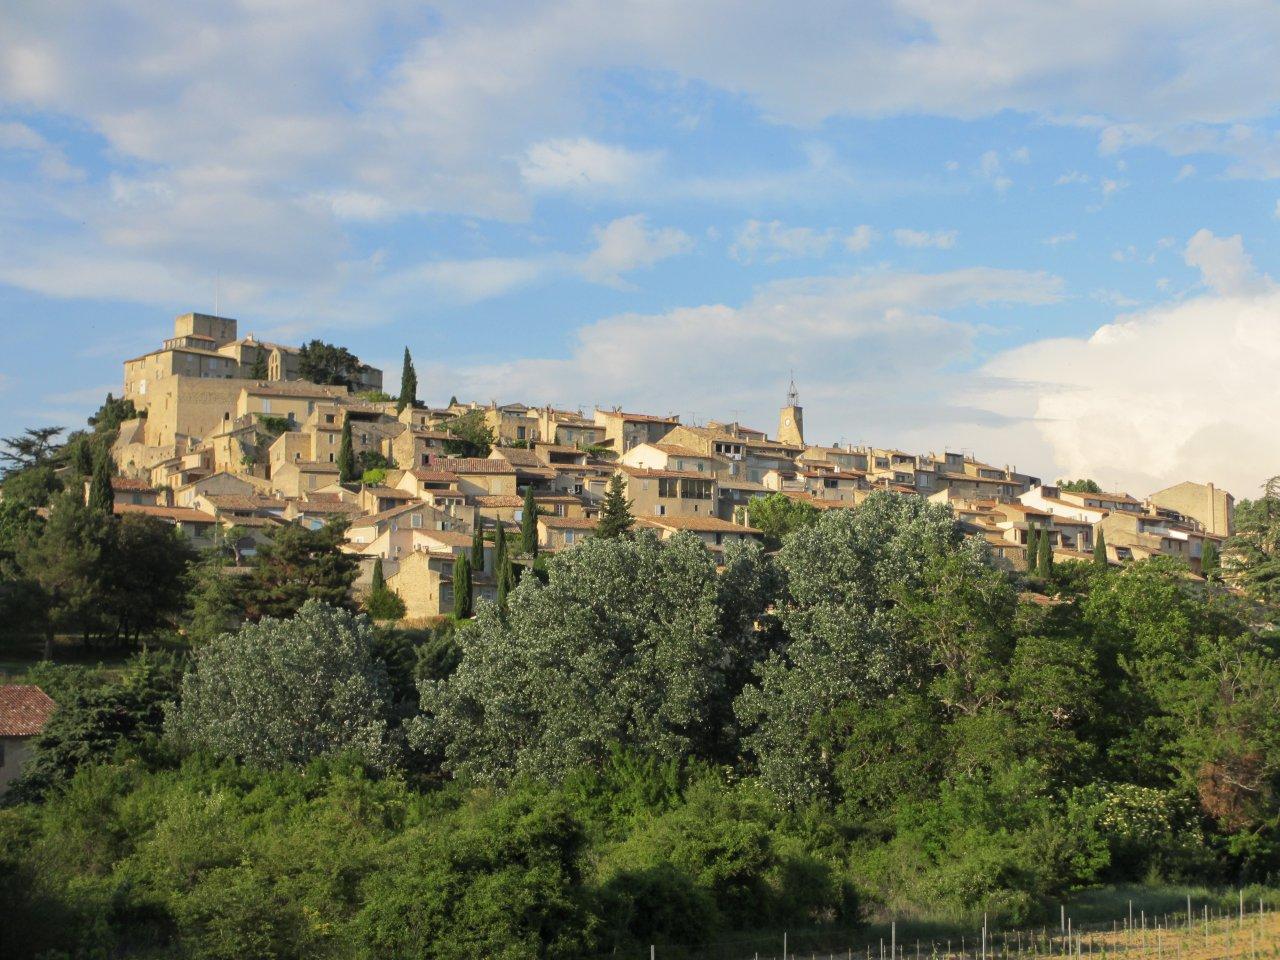 2012-05-26-20-26h-frankreich-provence-hochzeitsreise-348